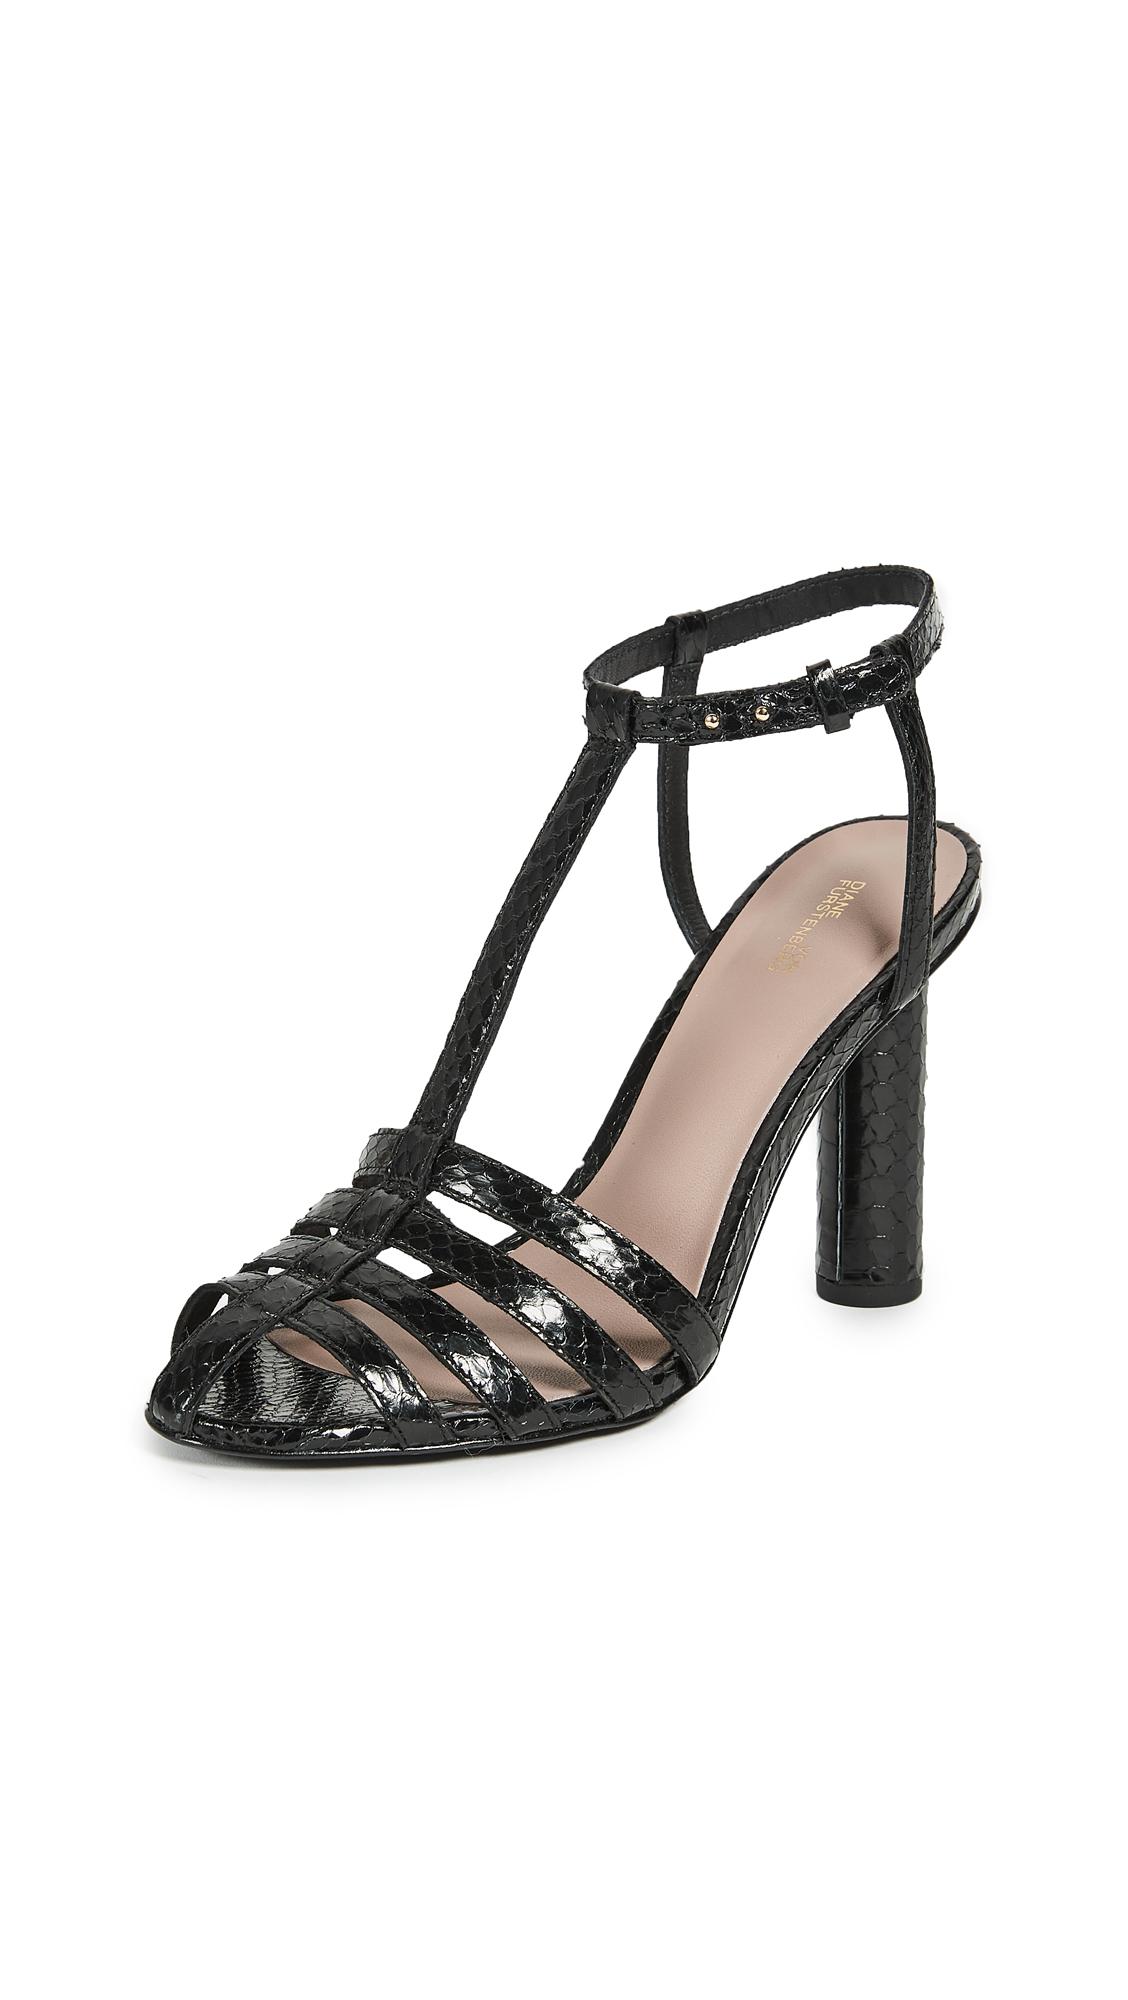 Diane von Furstenberg Eva Sandals - Black